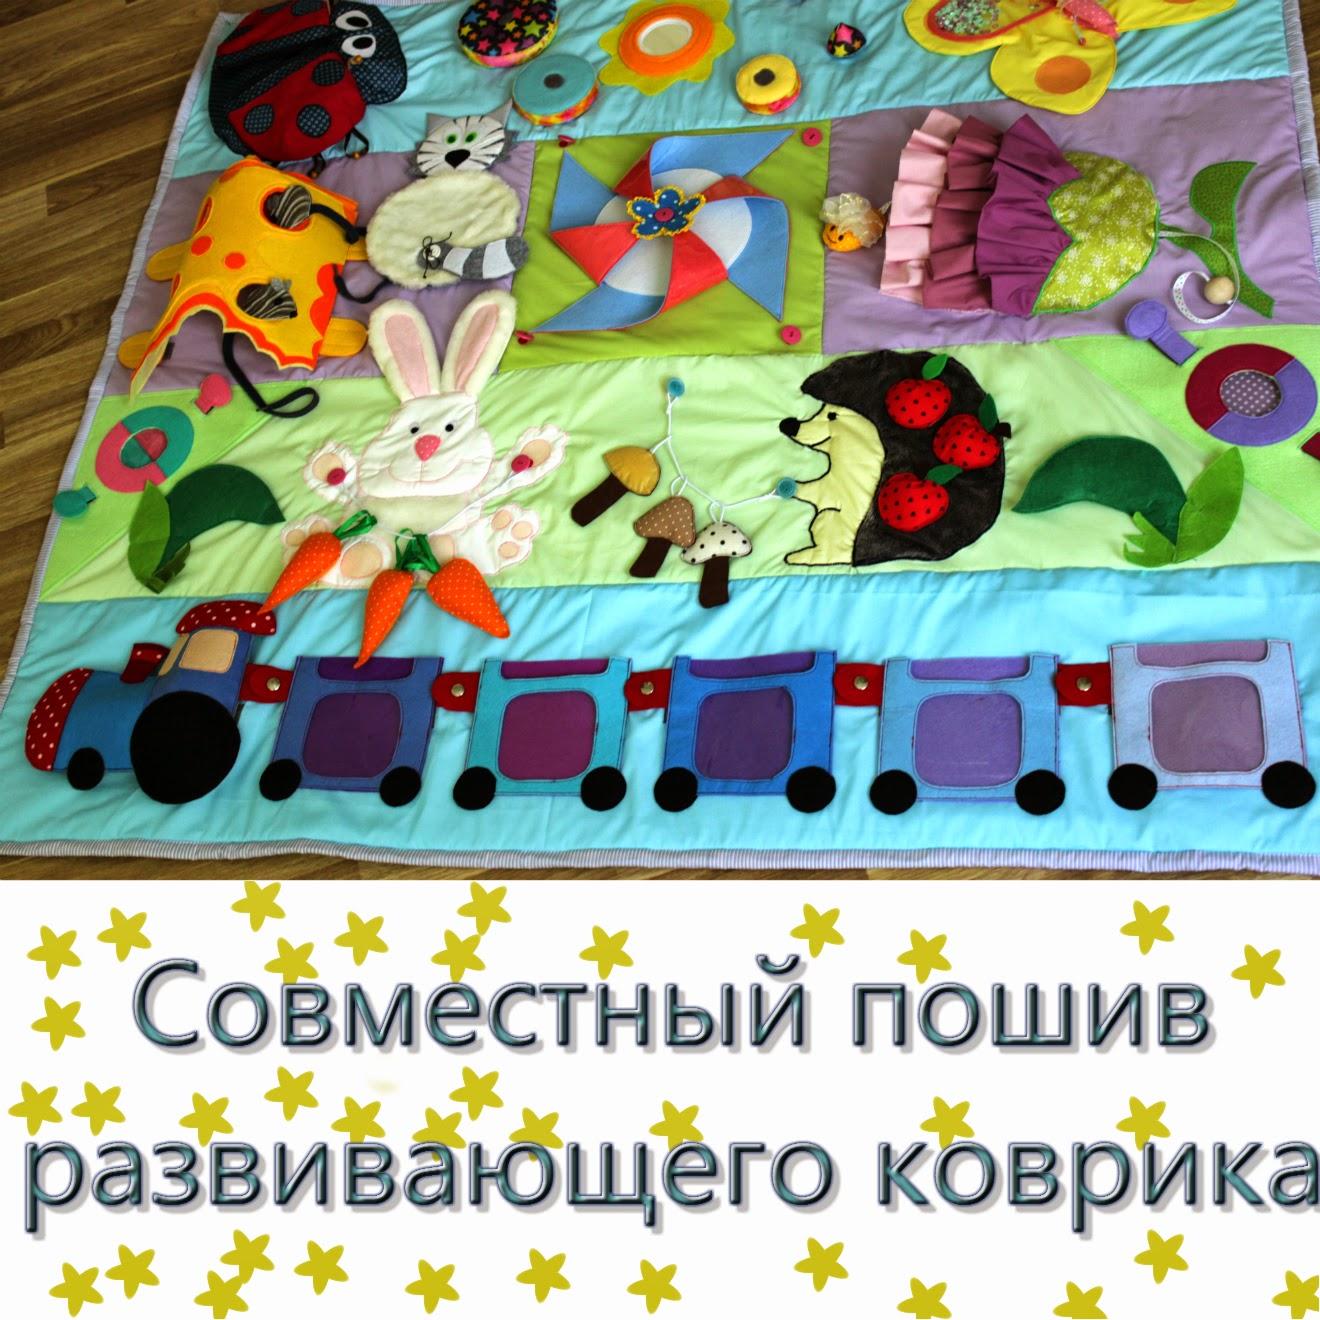 СП развивающего коврика